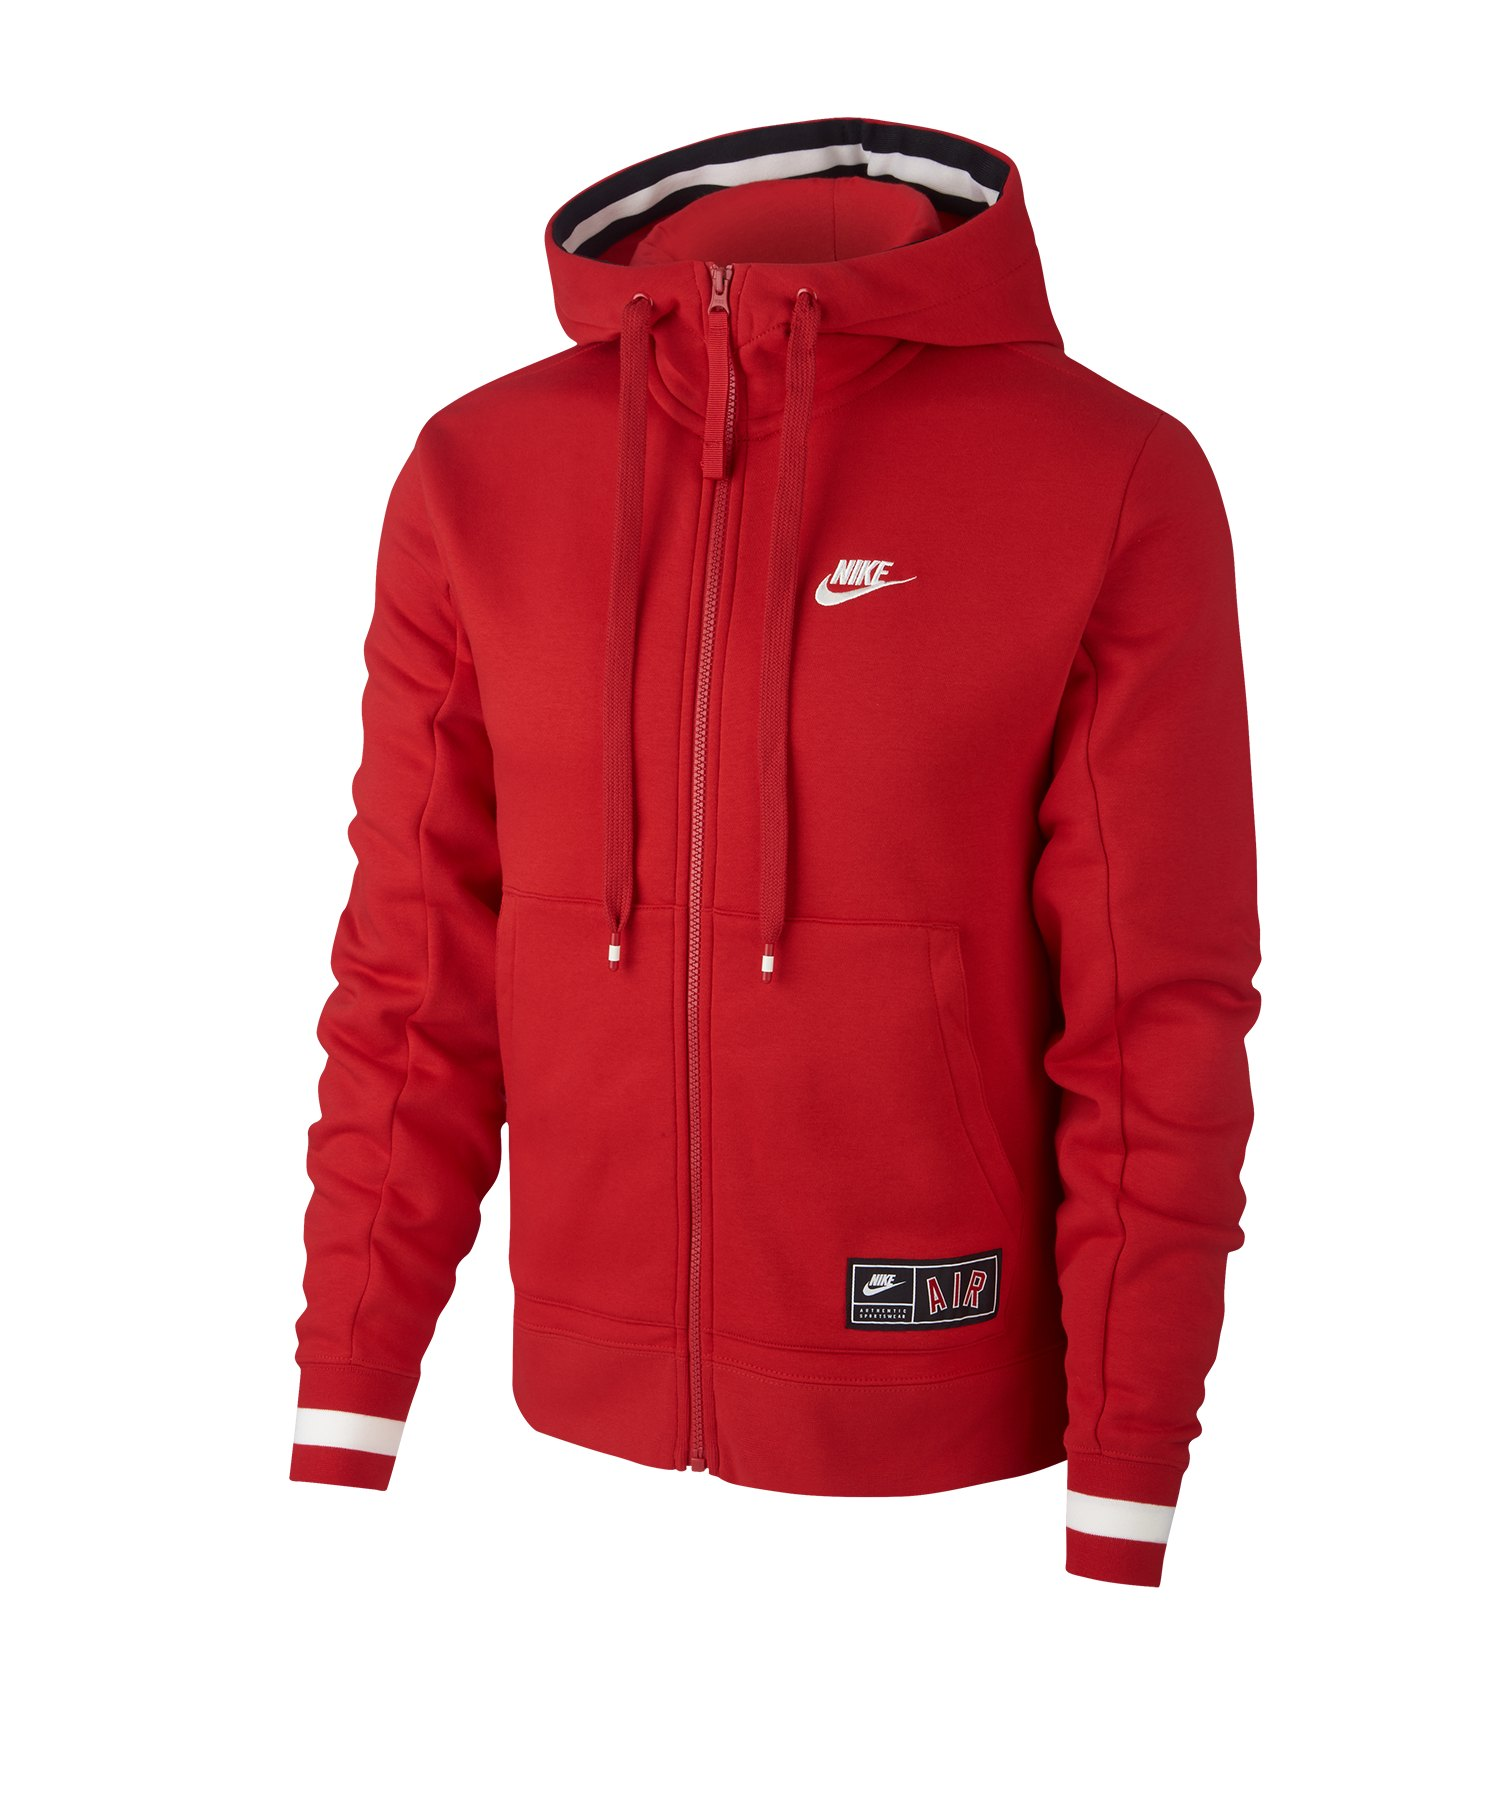 Nike Winterjacke Rot